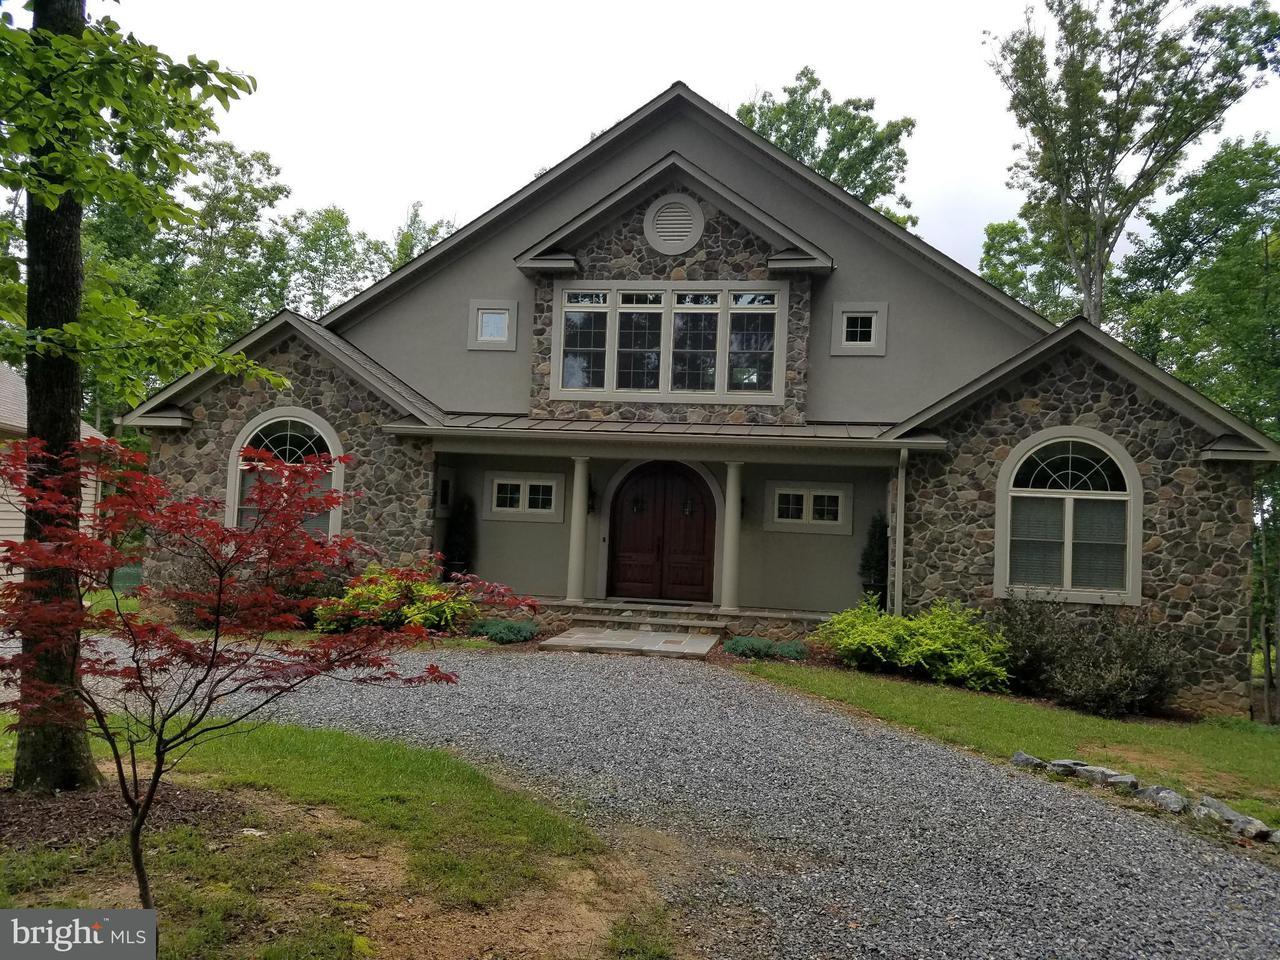 独户住宅 为 销售 在 204 BLUE SKY WAY 204 BLUE SKY WAY Bumpass, 弗吉尼亚州 23024 美国